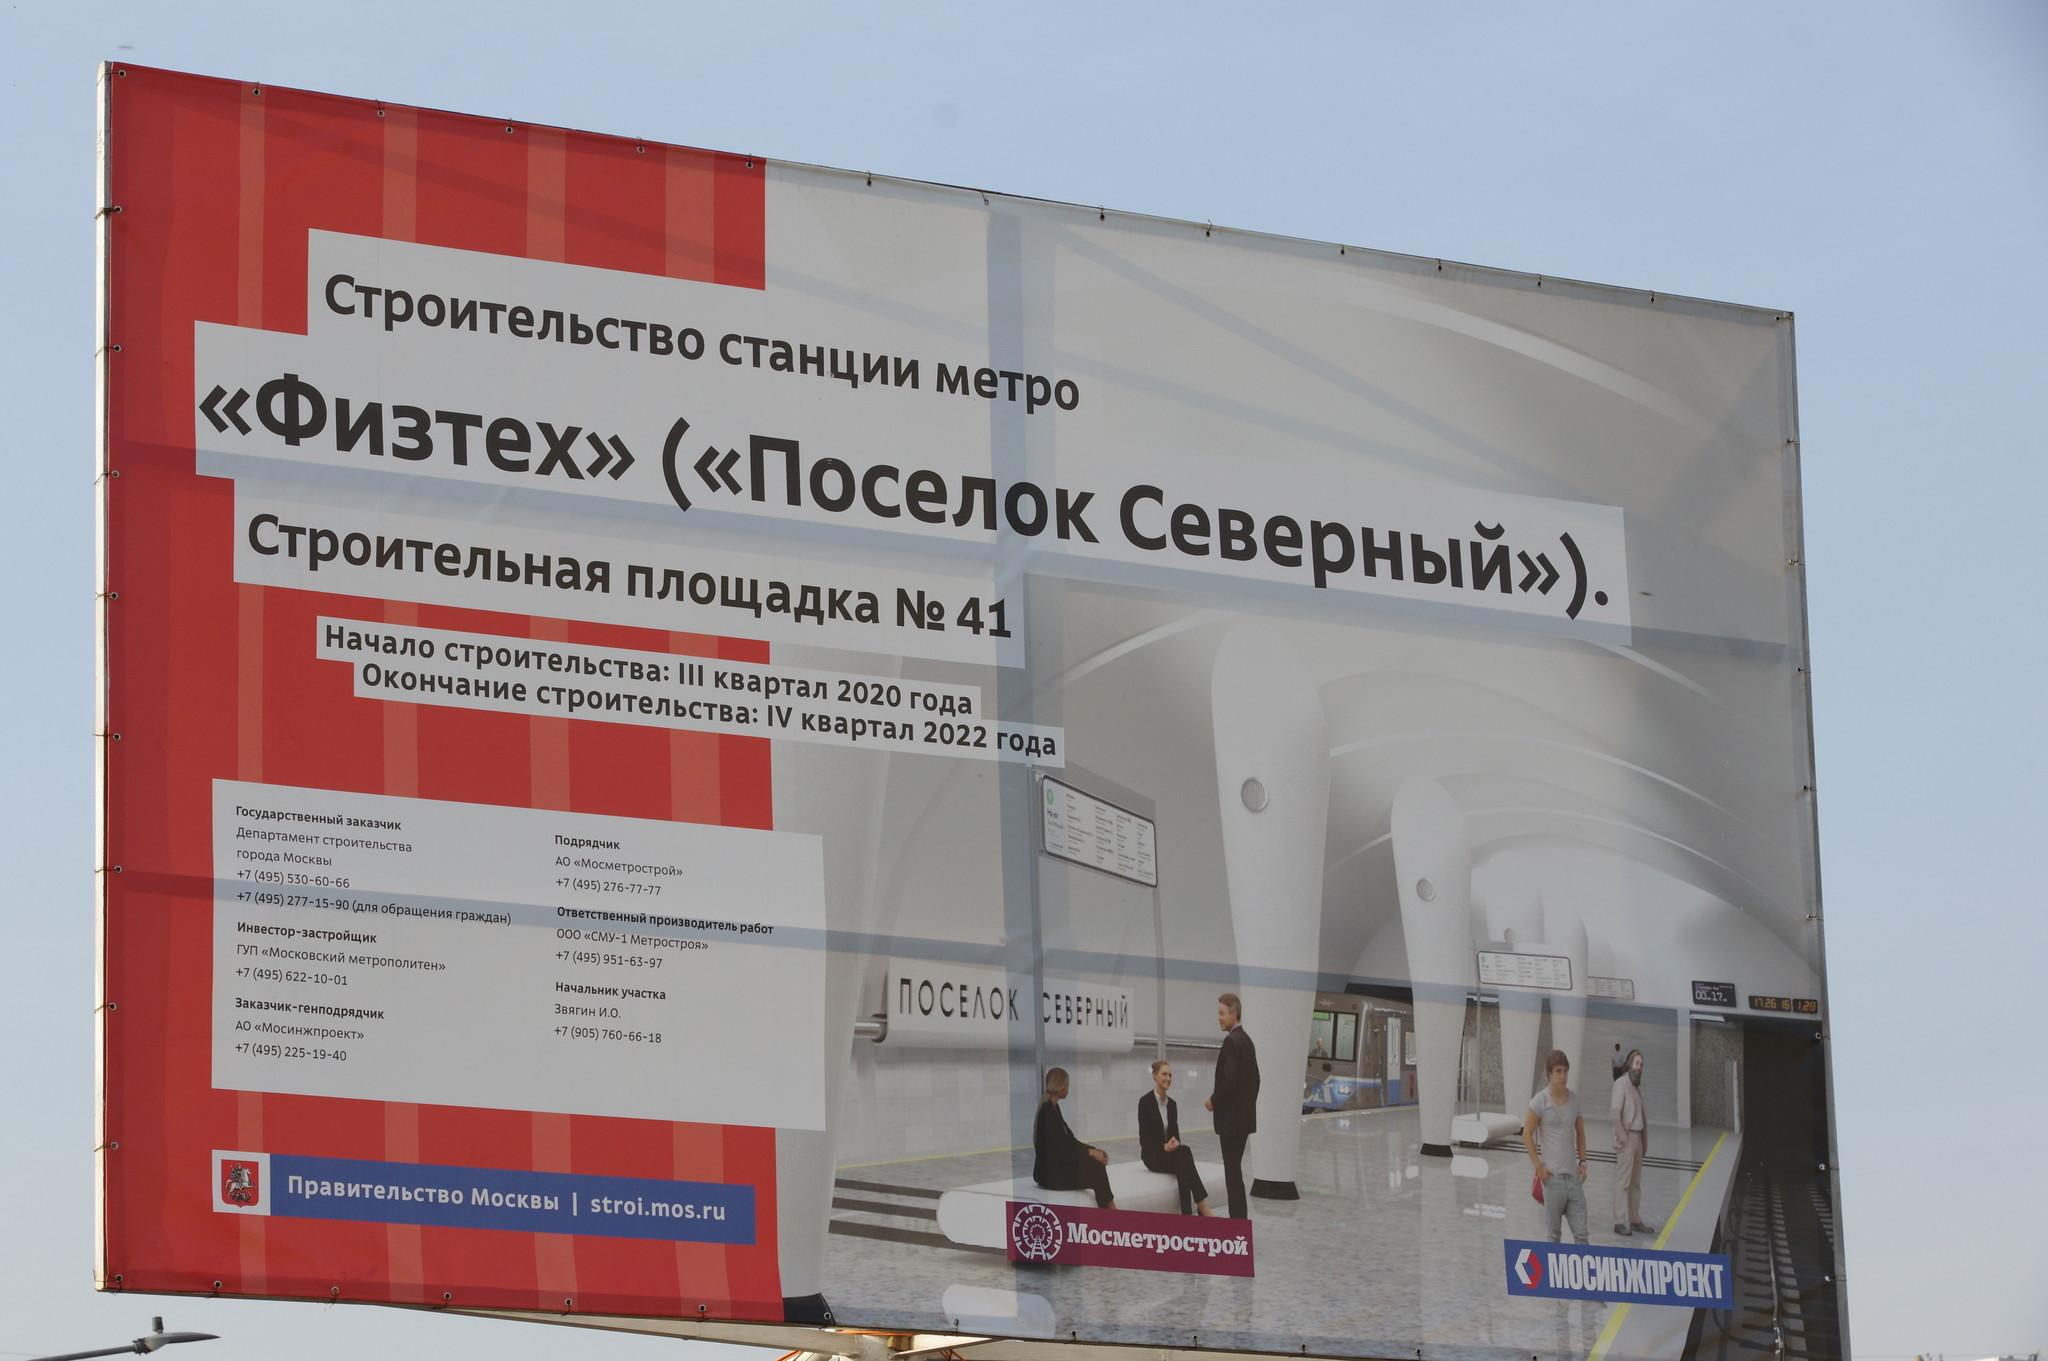 Строительство станции метро «Физтех» («Посёлок Северный»)